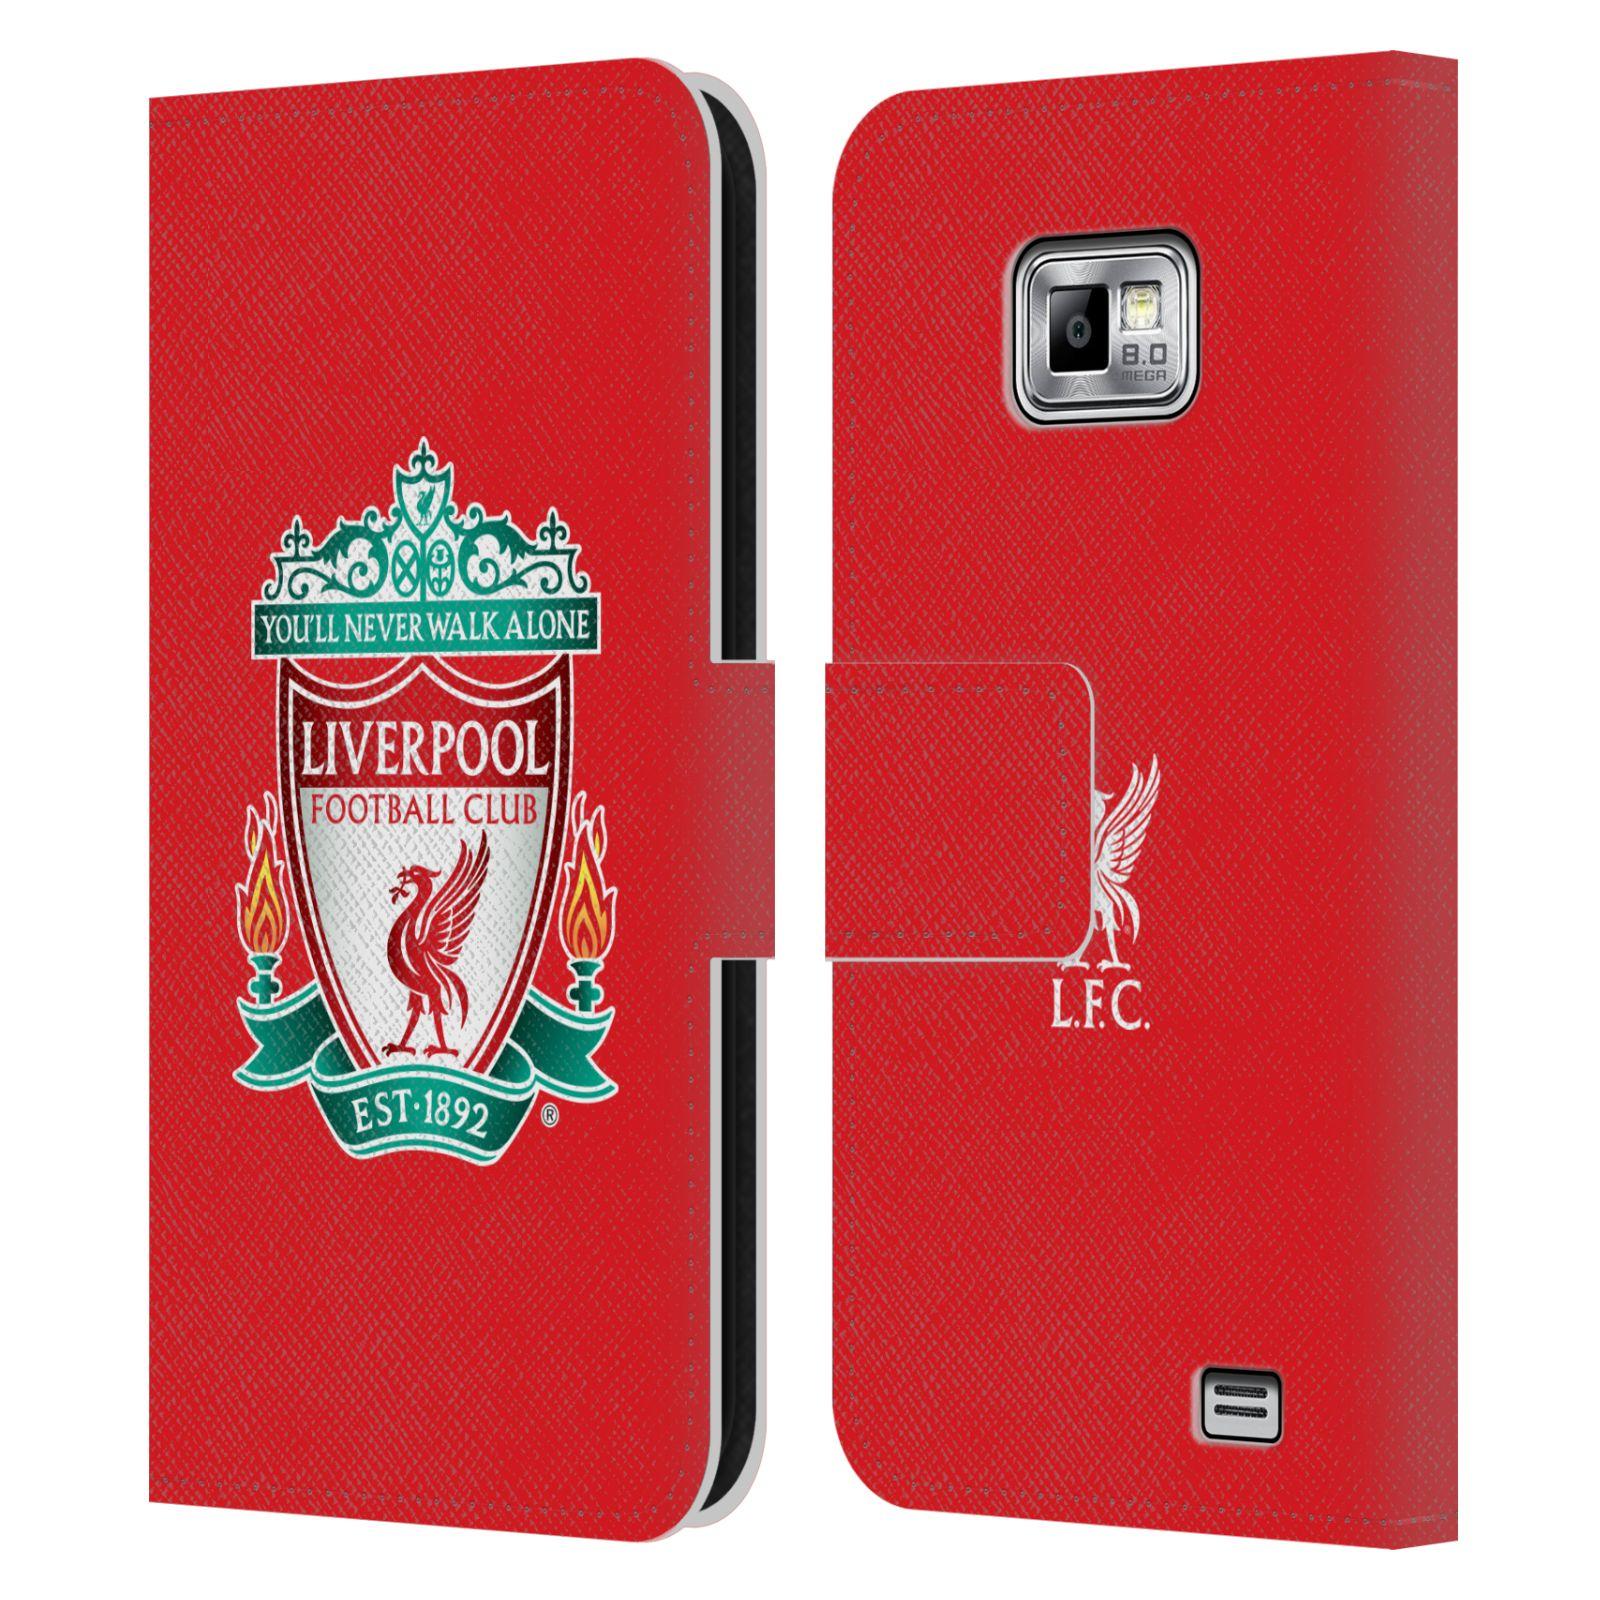 HEAD CASE Flipové pouzdro pro mobil Samsung Galaxy S2 i9100 LIVERPOOL FC OFICIÁLNÍ ZNAK barevný znak na červené